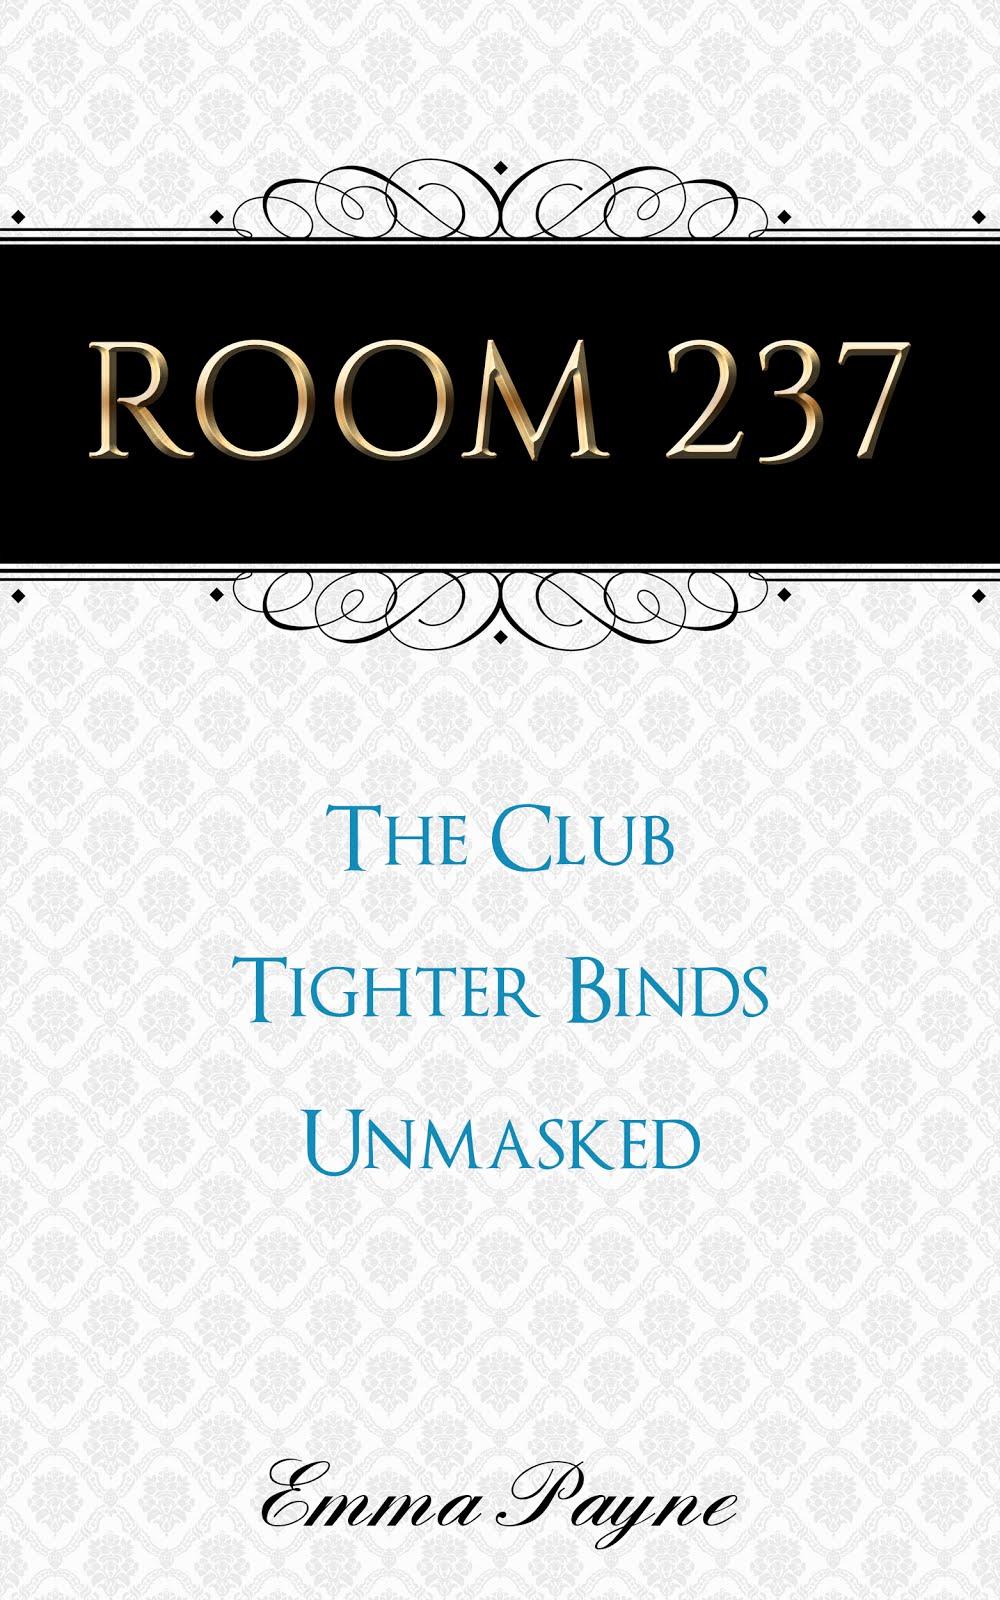 Cover - Room 237(1).jpg